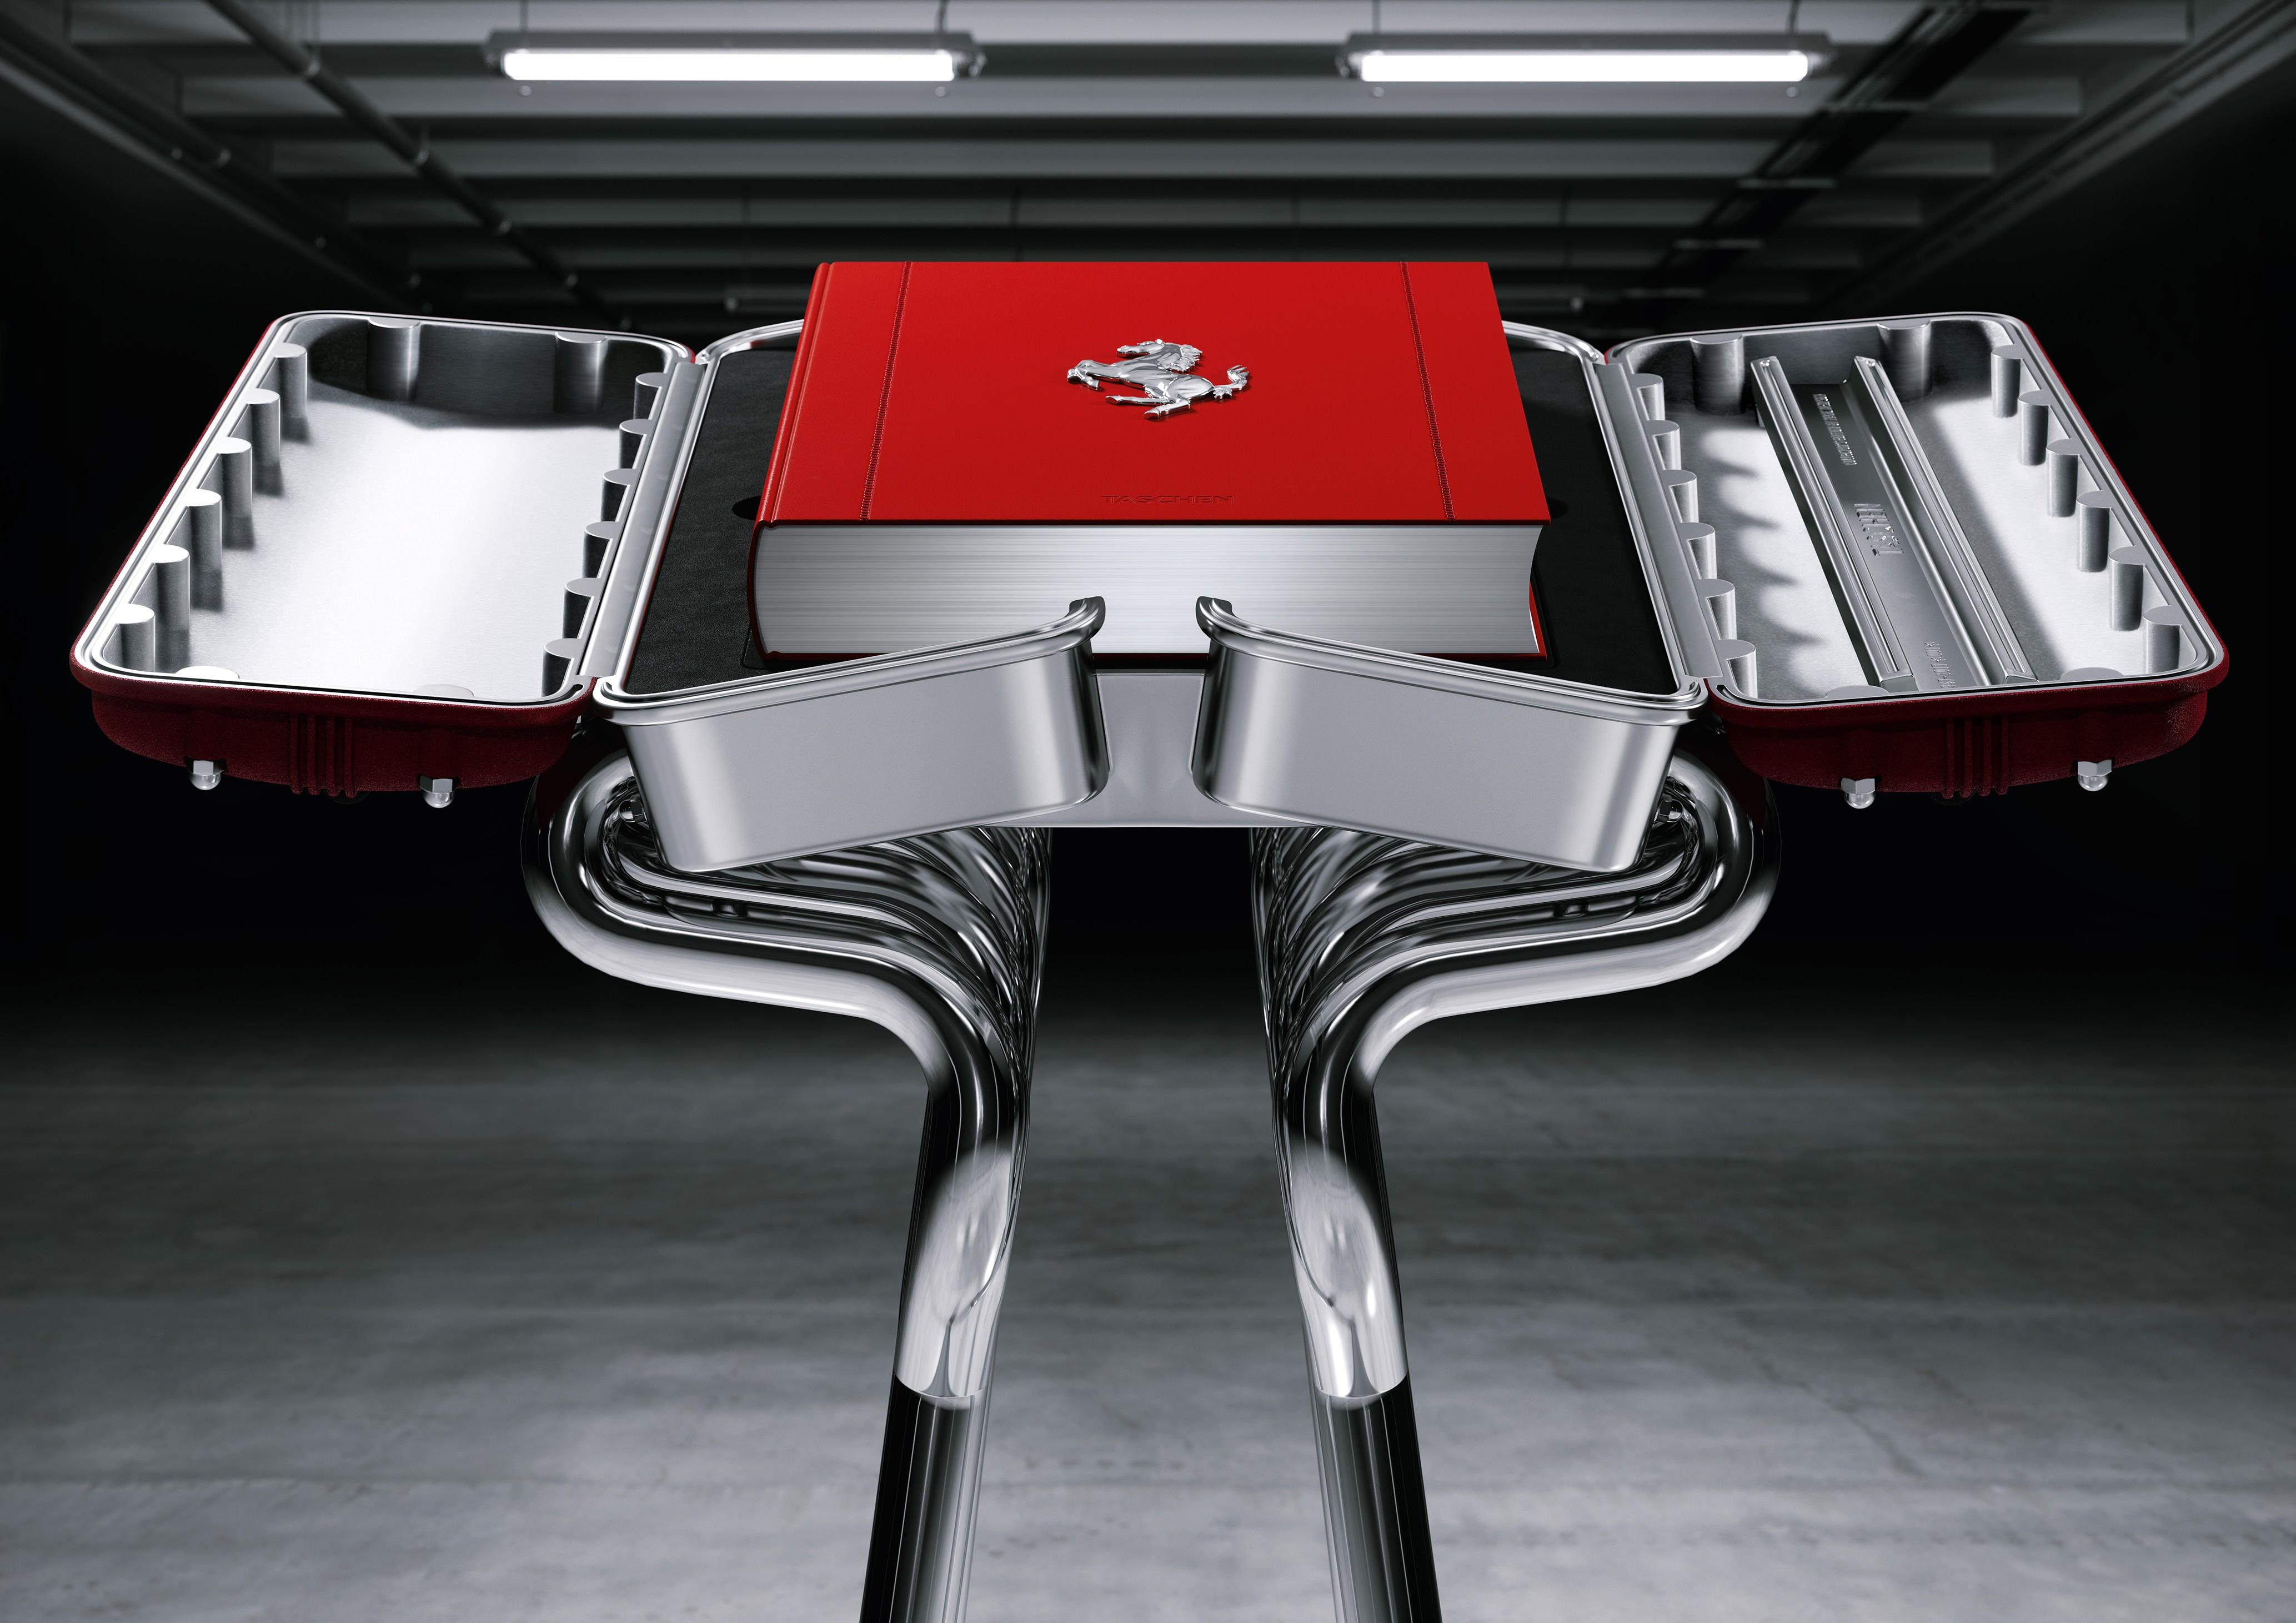 New Ferrari book features never-before-seen photographs